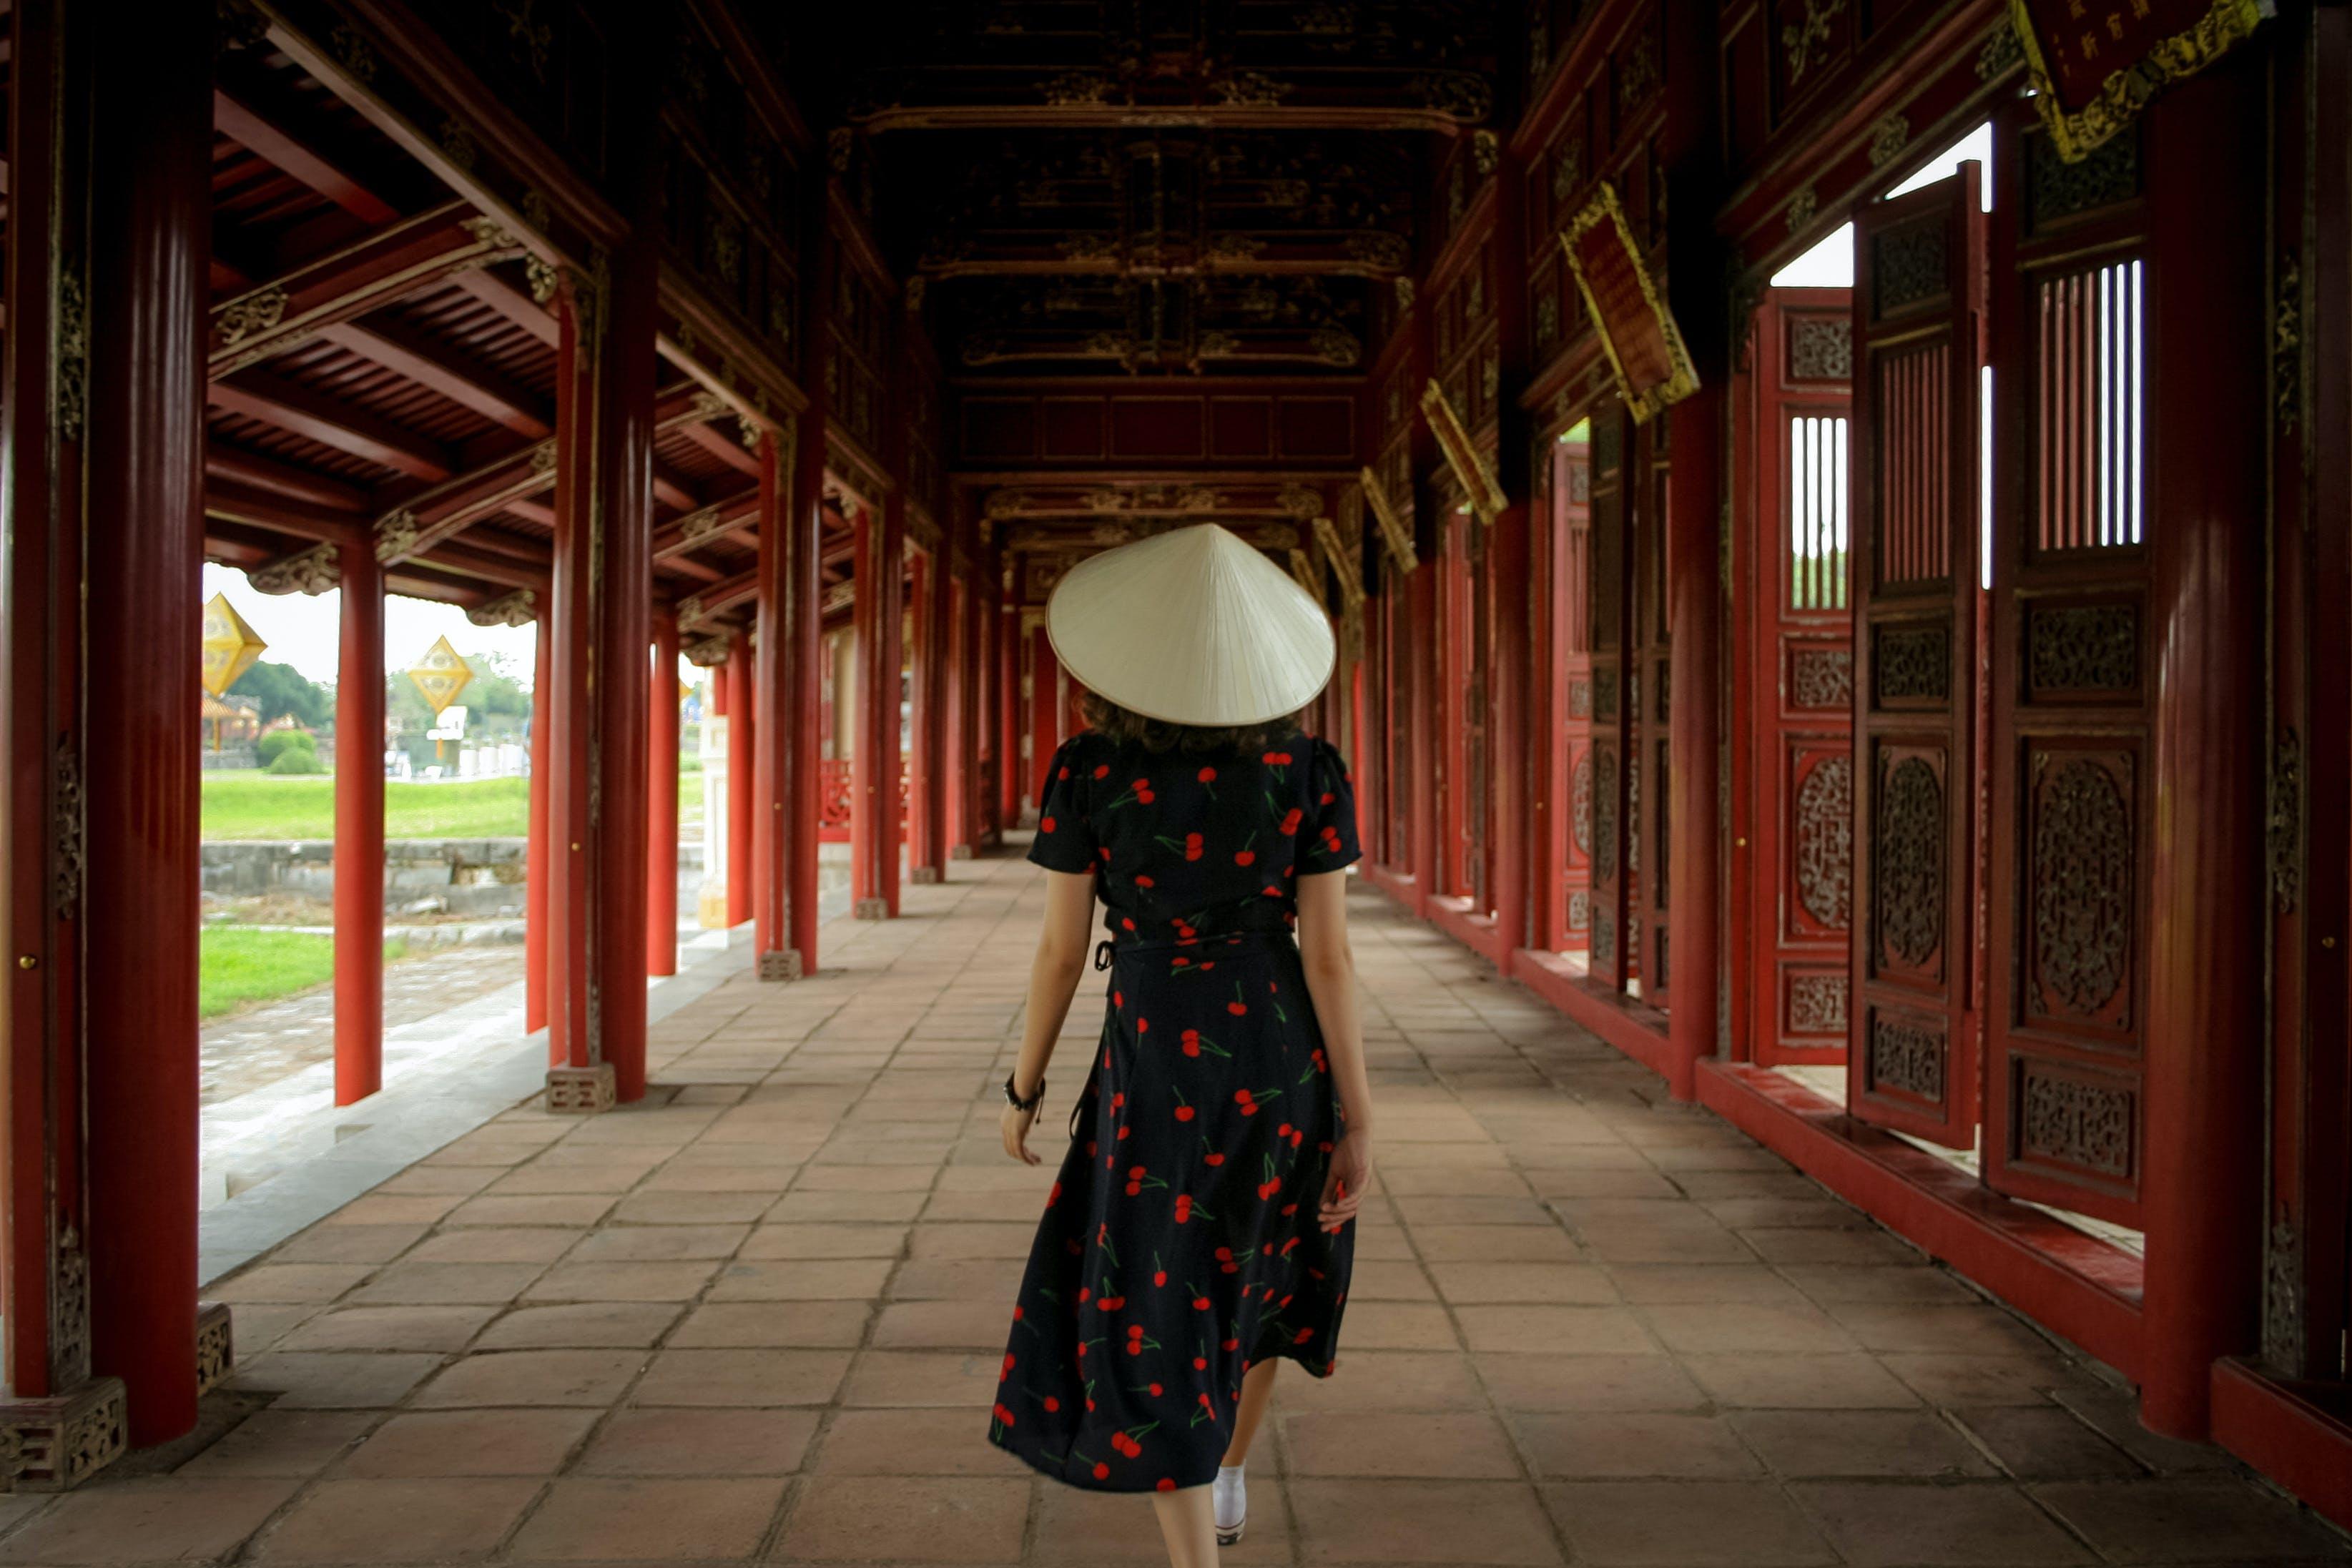 Gratis lagerfoto af arkitektur, blad hat, by, bygning